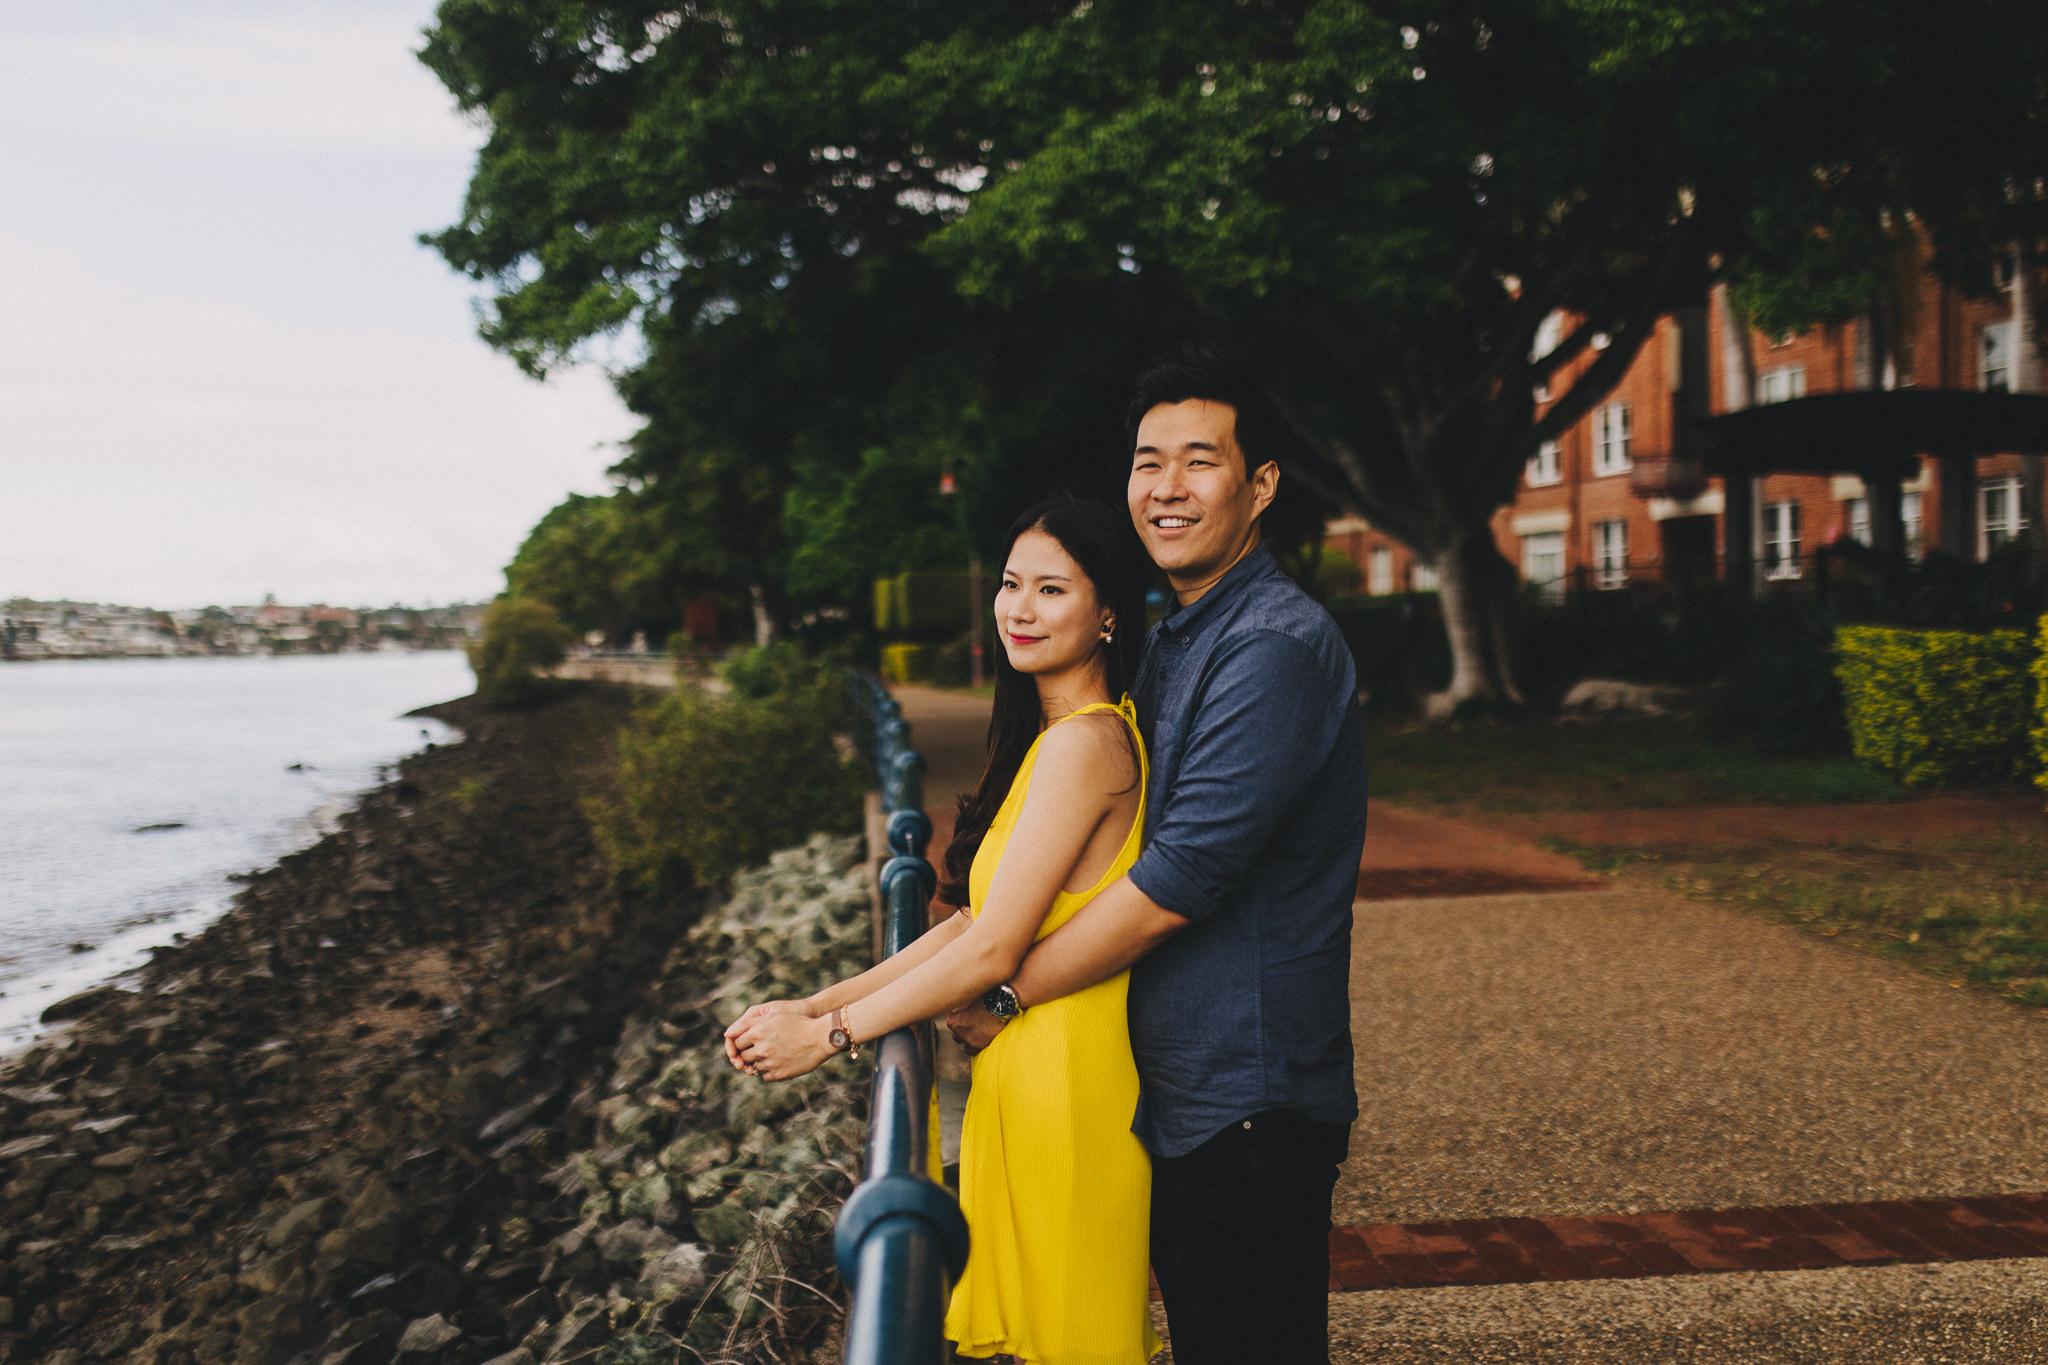 Matthew&Suri-Engagement-resized-87 - Family Photoshoots Brisbane